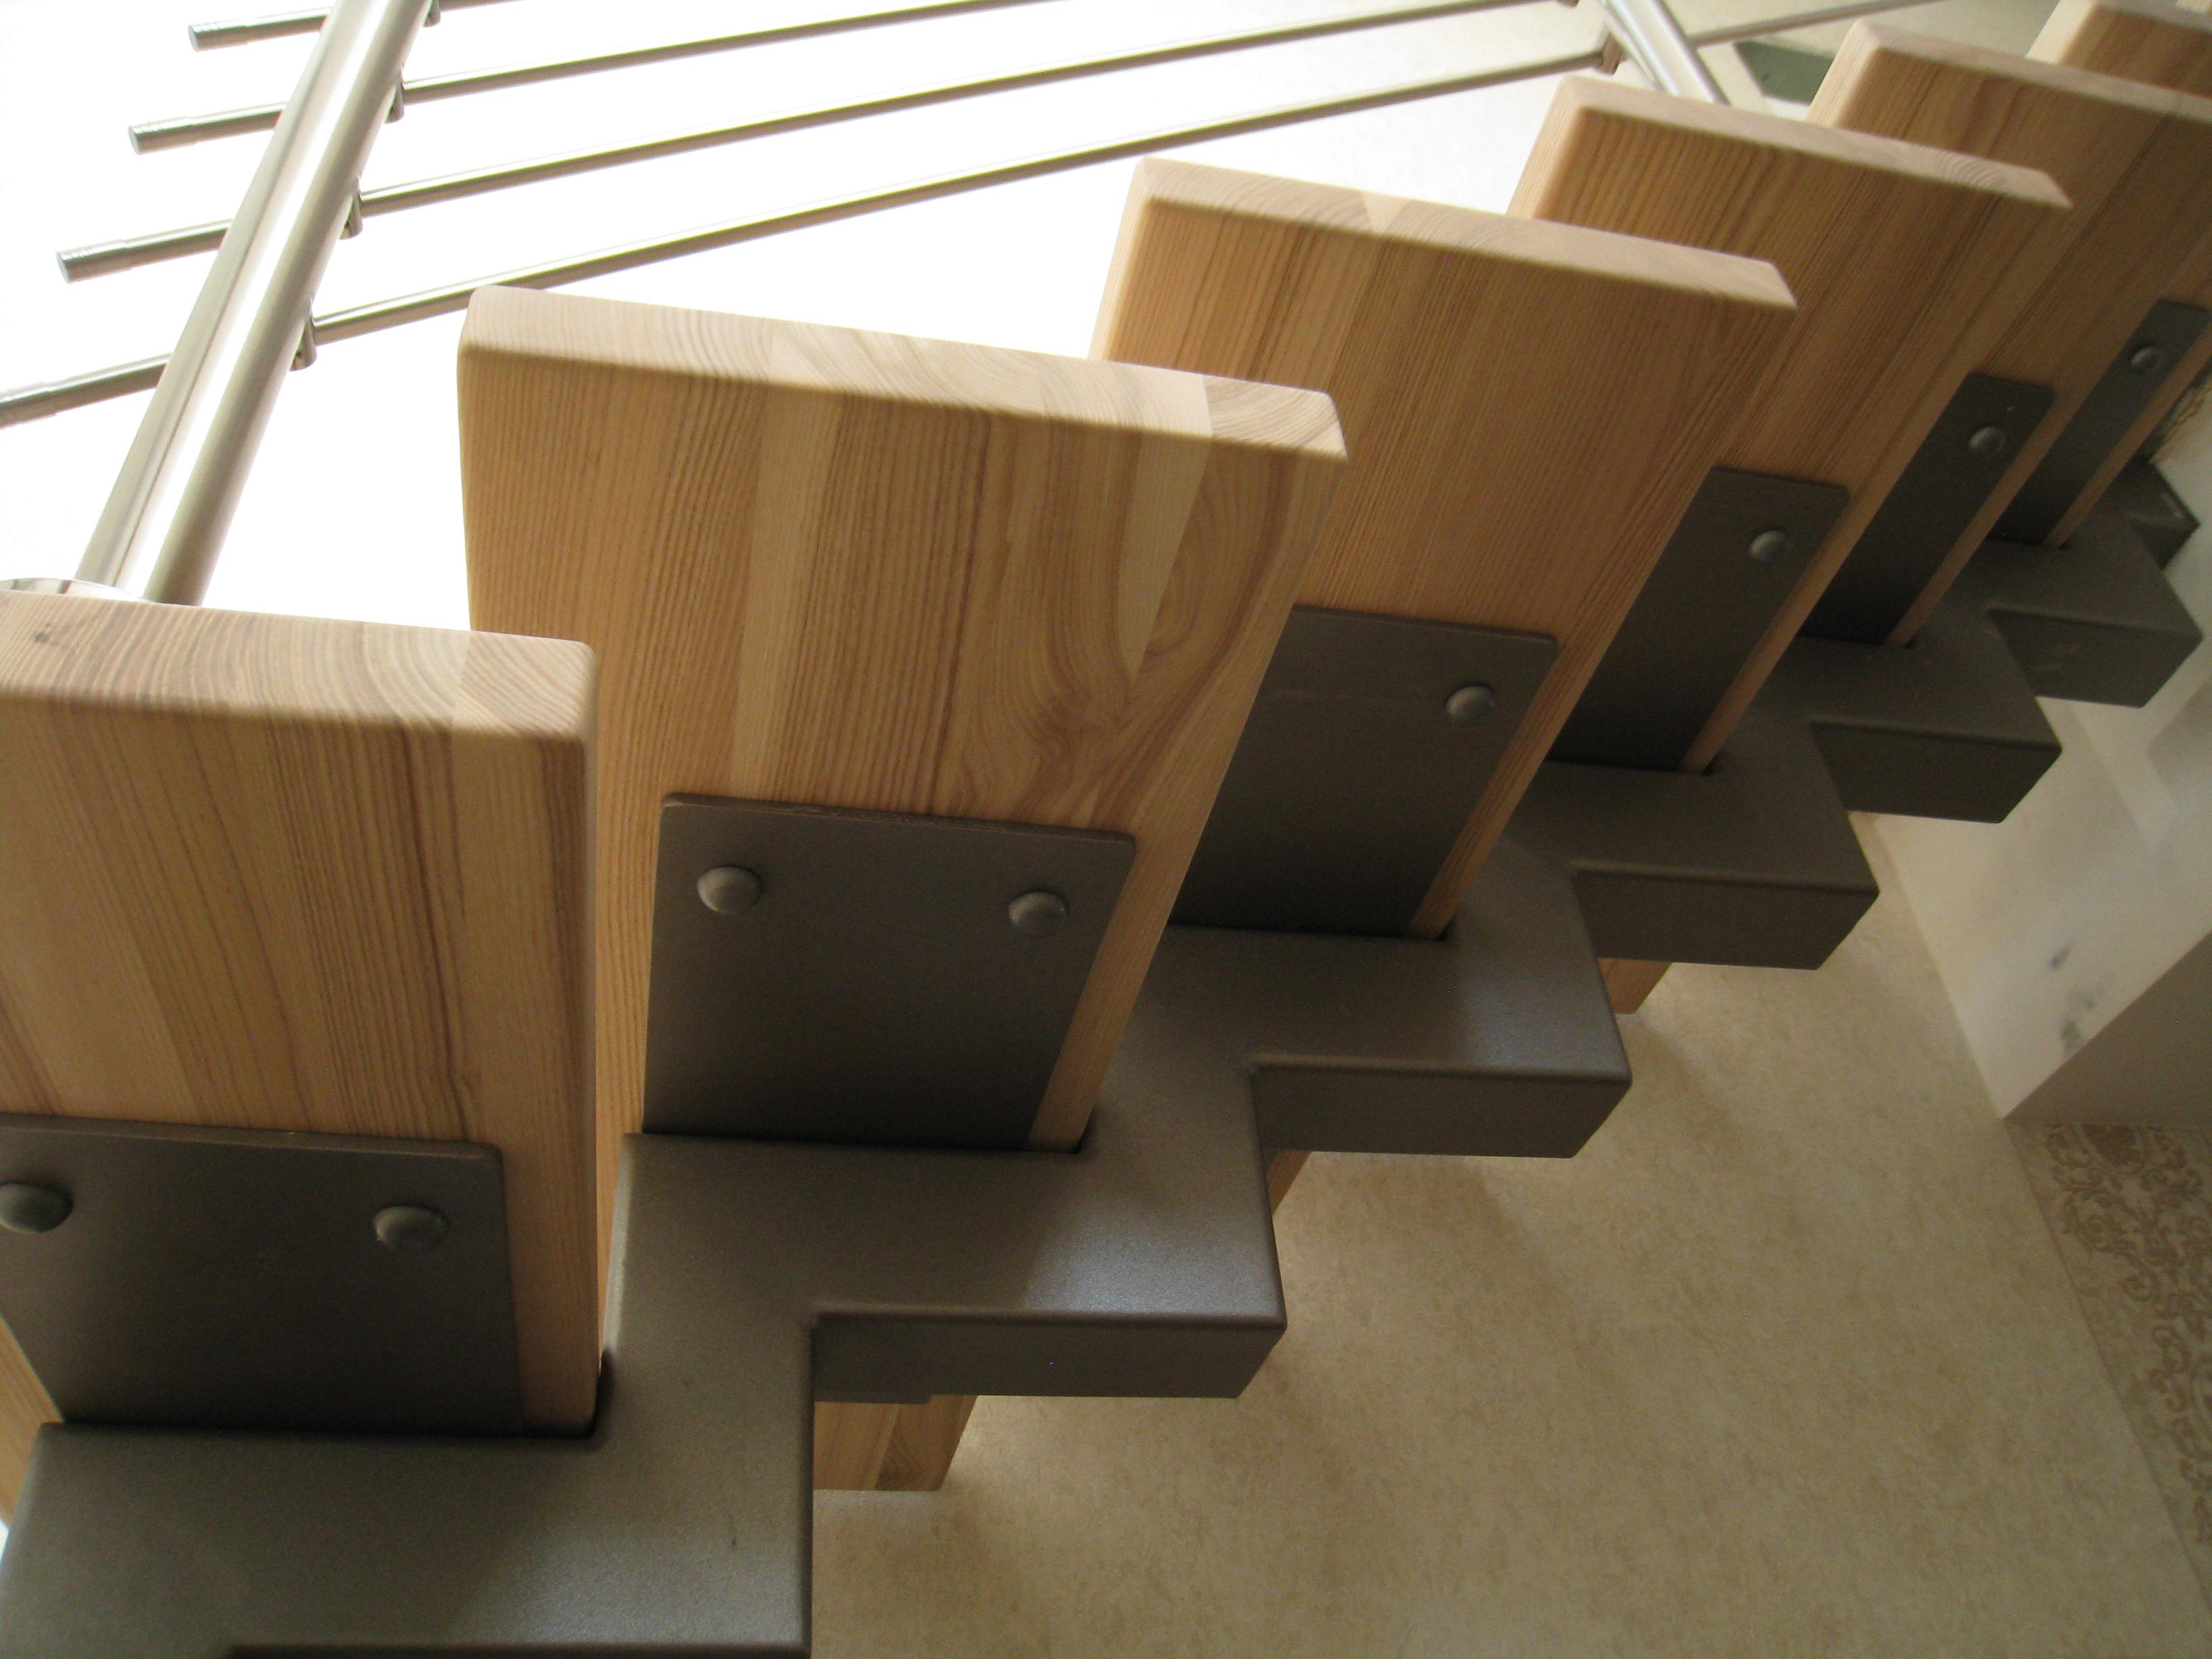 Лестница на центральном Г-образном металлокосоуре с деревяннми ступенями